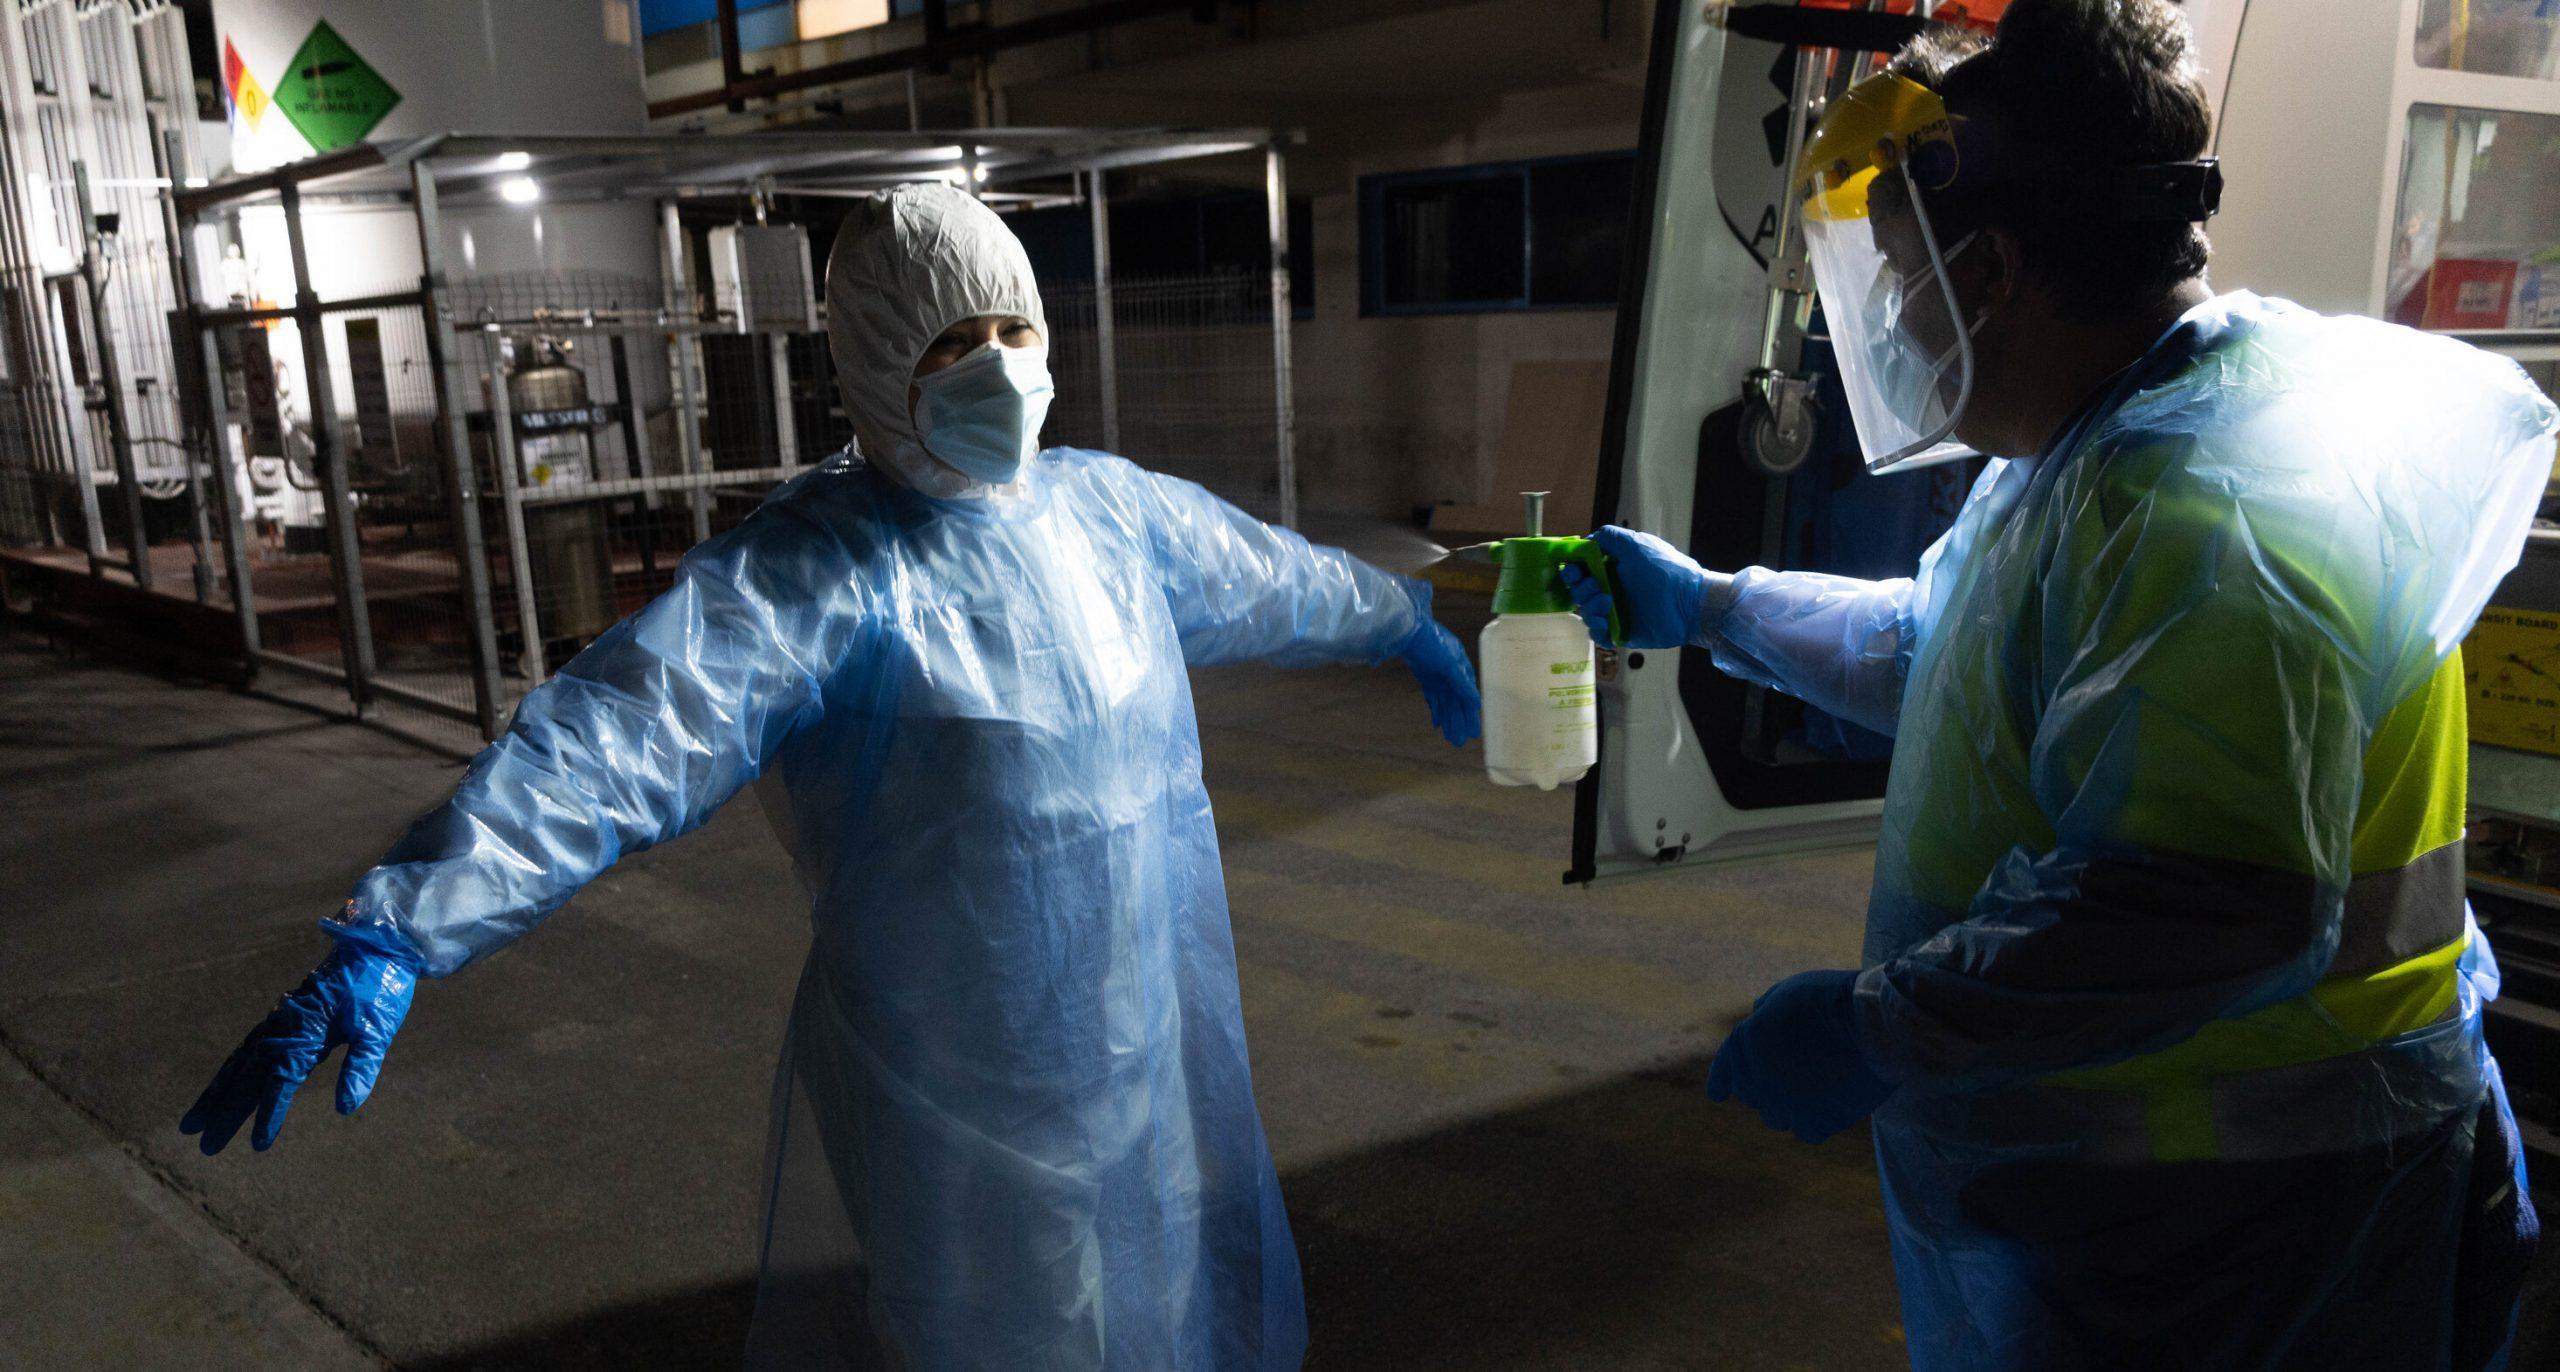 Experiența din Chile arată că o rată mare de vaccinare nu exclude o carantină dură, spune directorul medical al Angliei